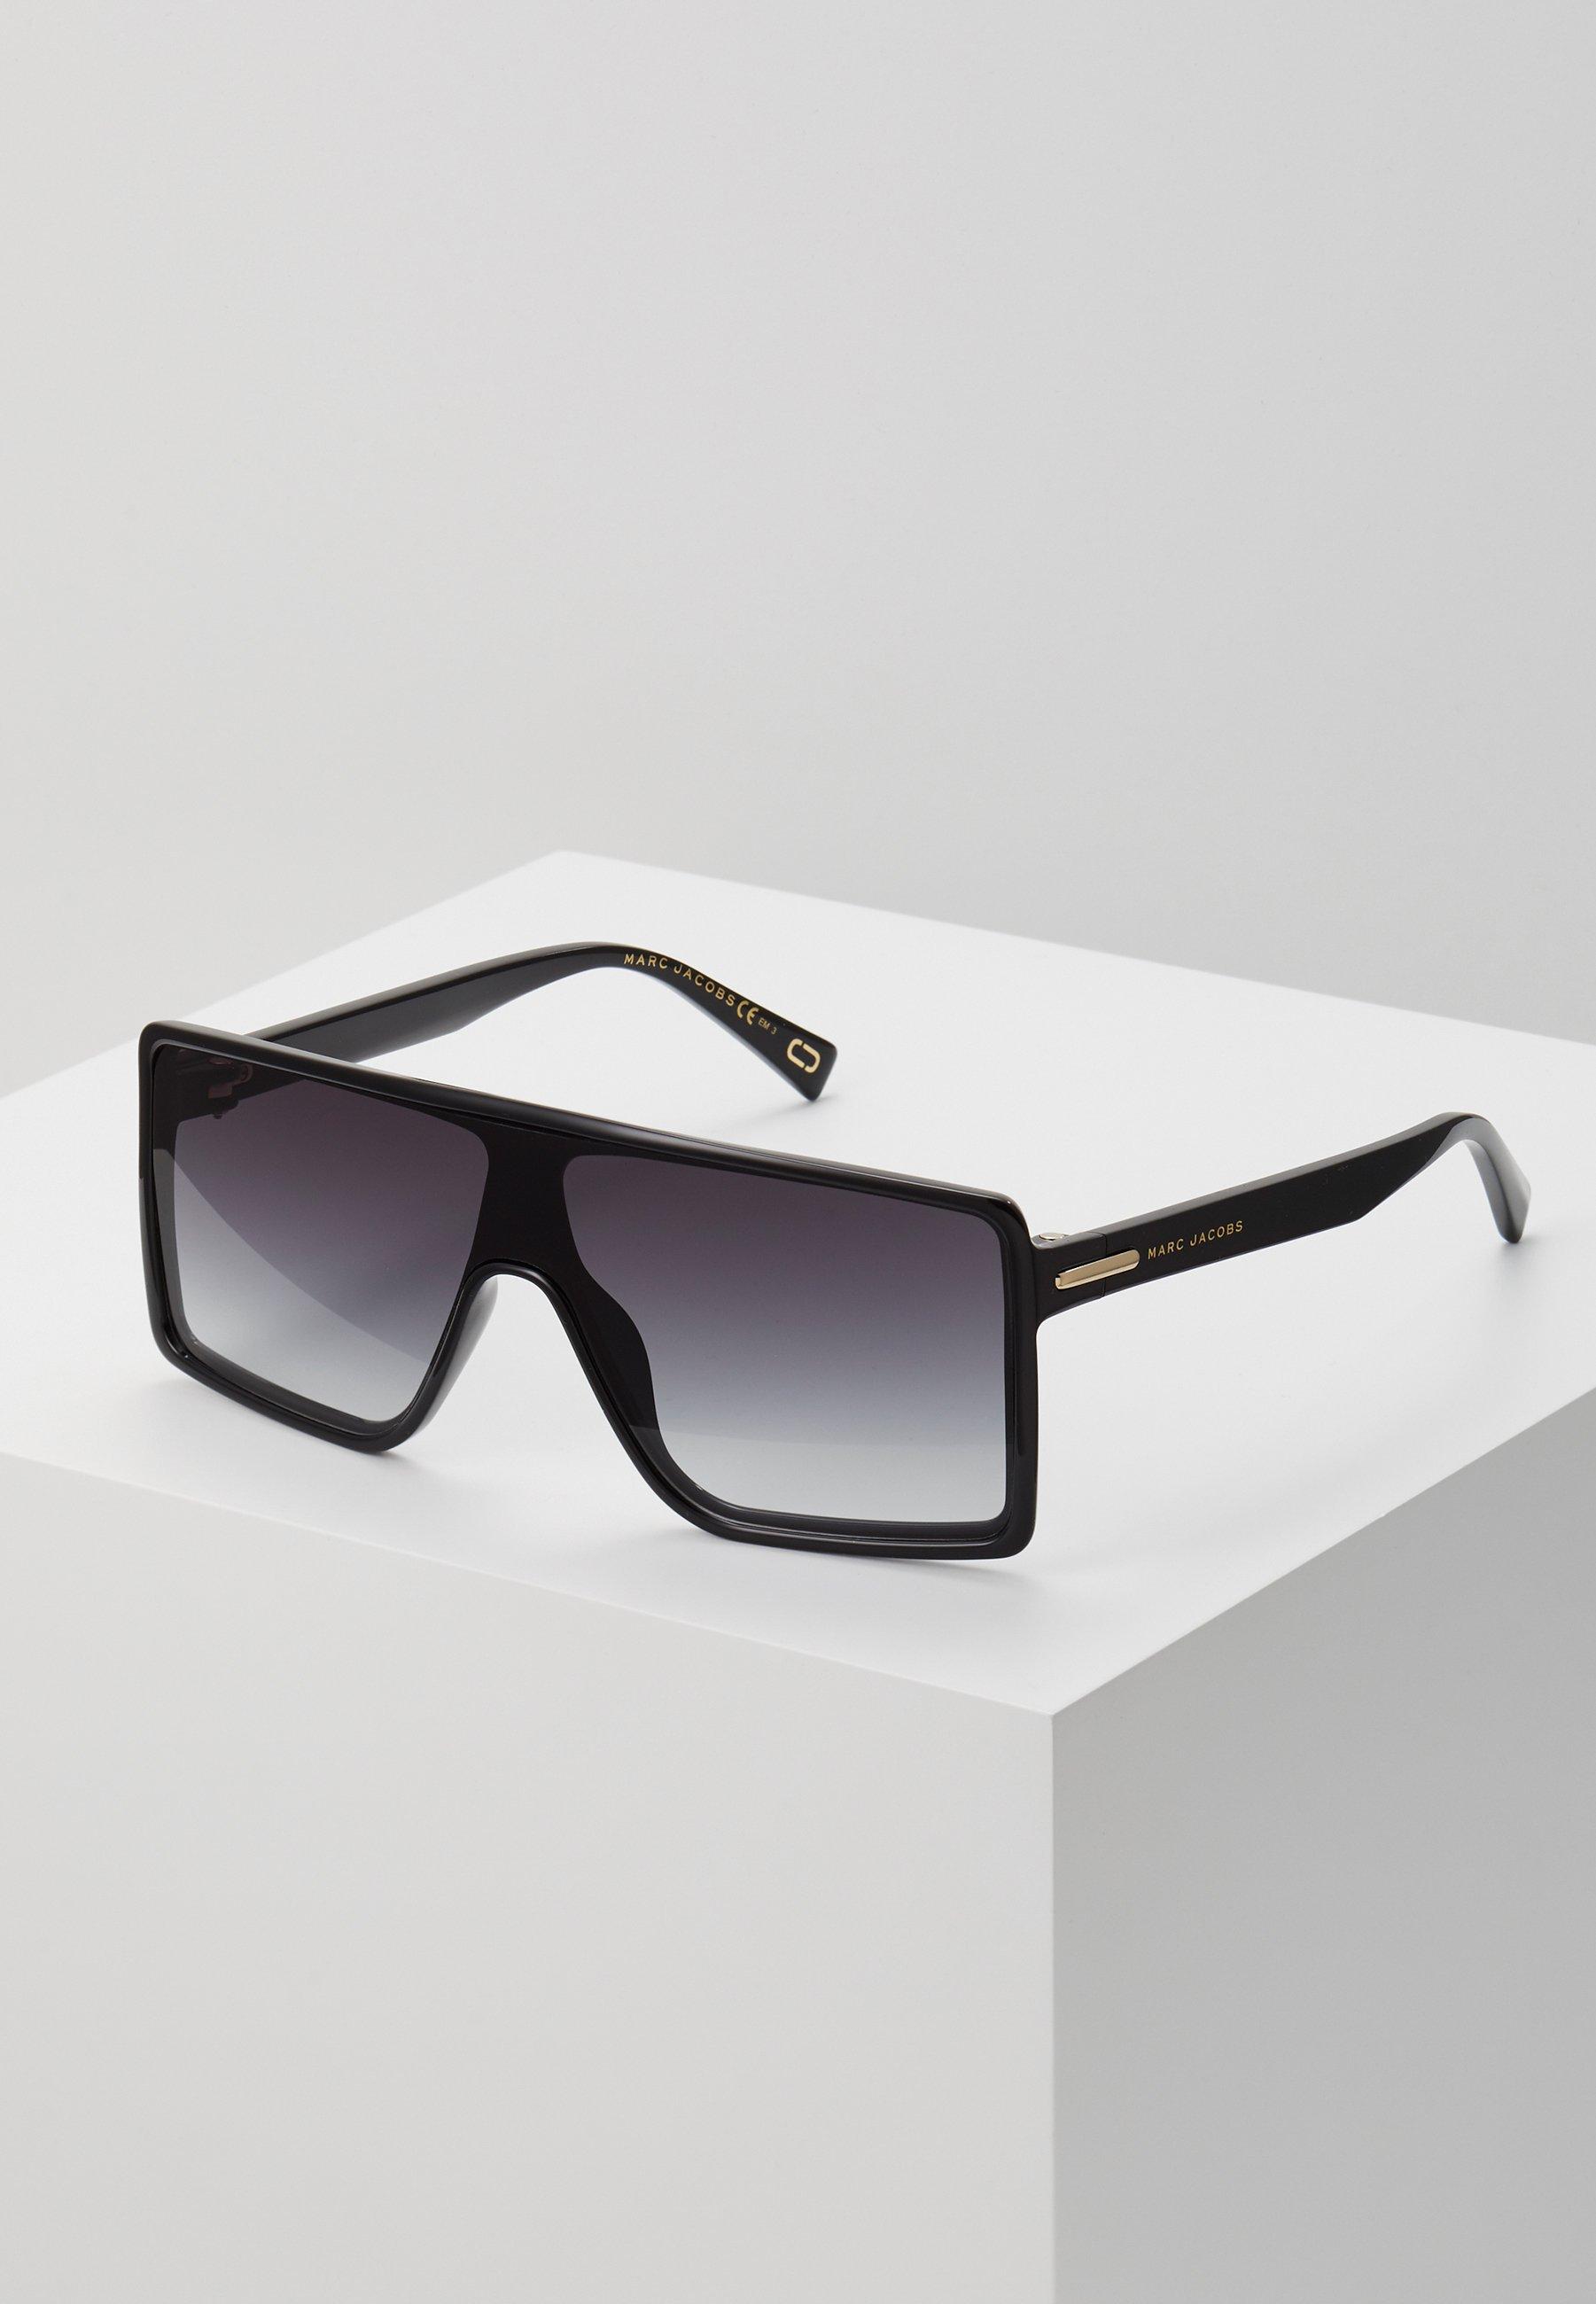 2013 Outlet Marc Jacobs Sunglasses - black | men's accessories 2020 Xzjbc